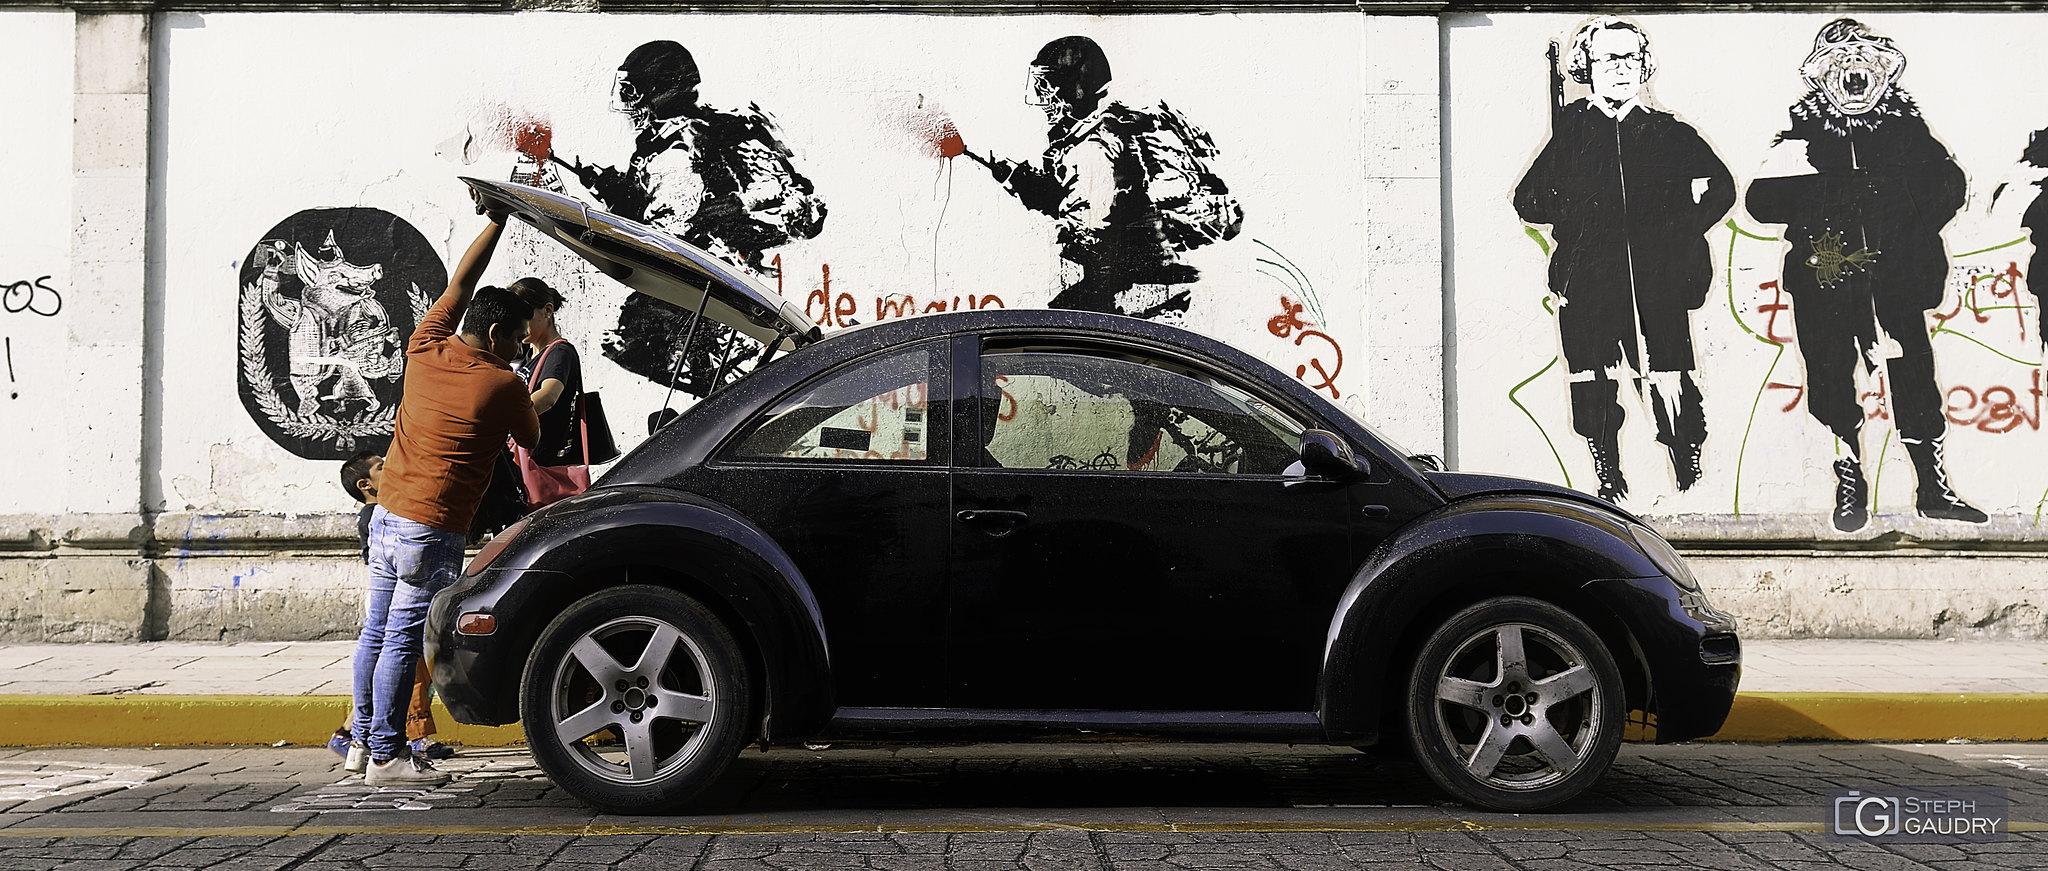 Oaxaca  - beetle sur un fond de contestation [Cliquez pour lancer le diaporama]